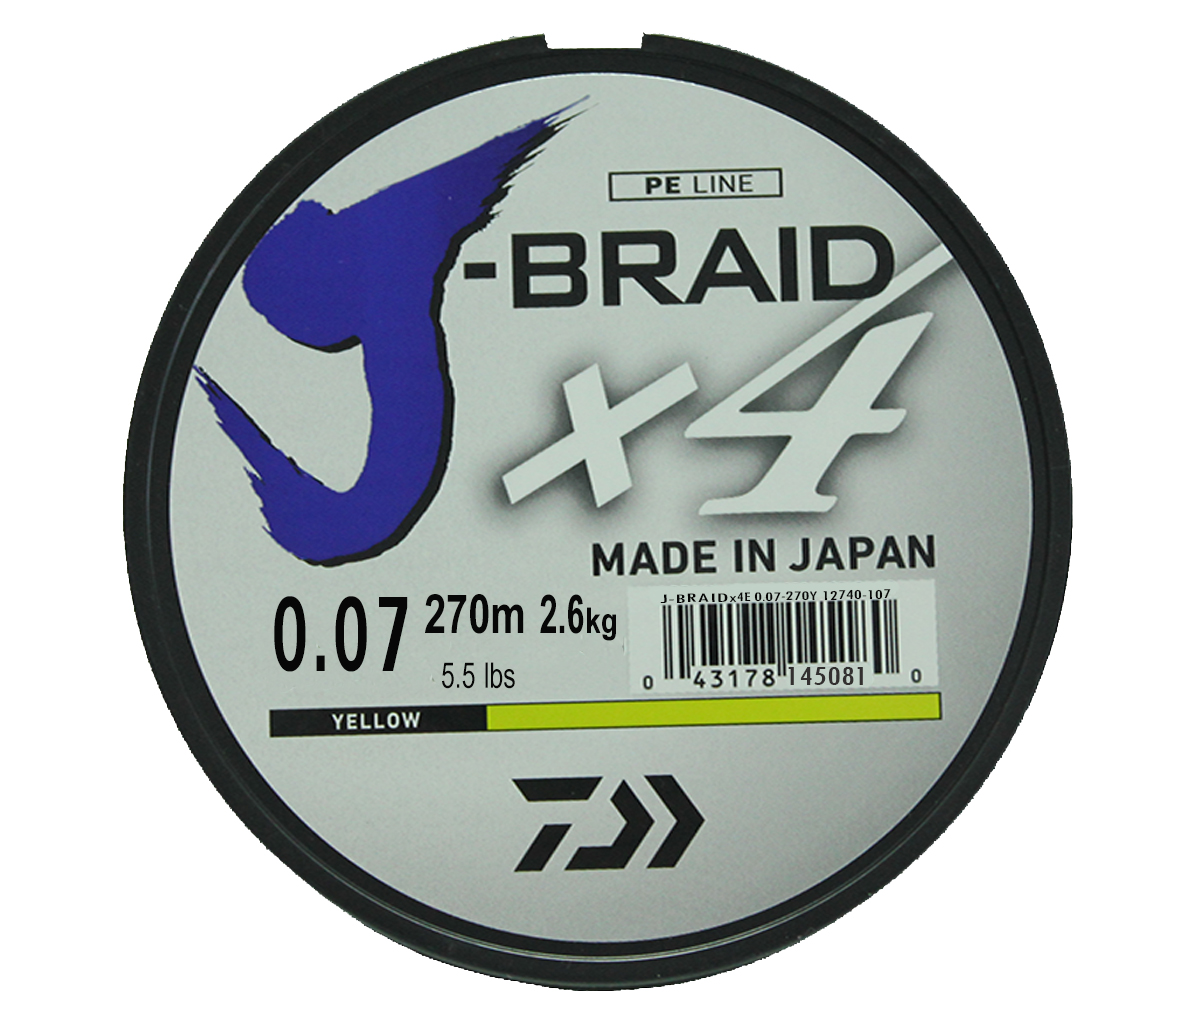 Шнур плетеный Daiwa J-Braid X4, цвет: флуоресцентный желтый, 270 м, 0,07 мм61145Новый 4х жильный шнур J-Braid, DAIWA - шнур высокого класса с удивительным соотношением цены и качества. Качество плетения полностьюсоответствует японским стандартам и удовлетворяет всем требованиям. Представленные диаметры позволяют использовать шнур для всех техникловли, начиная от ultra- light ловли окуня, до морской ловли палтуса, трески и т.д